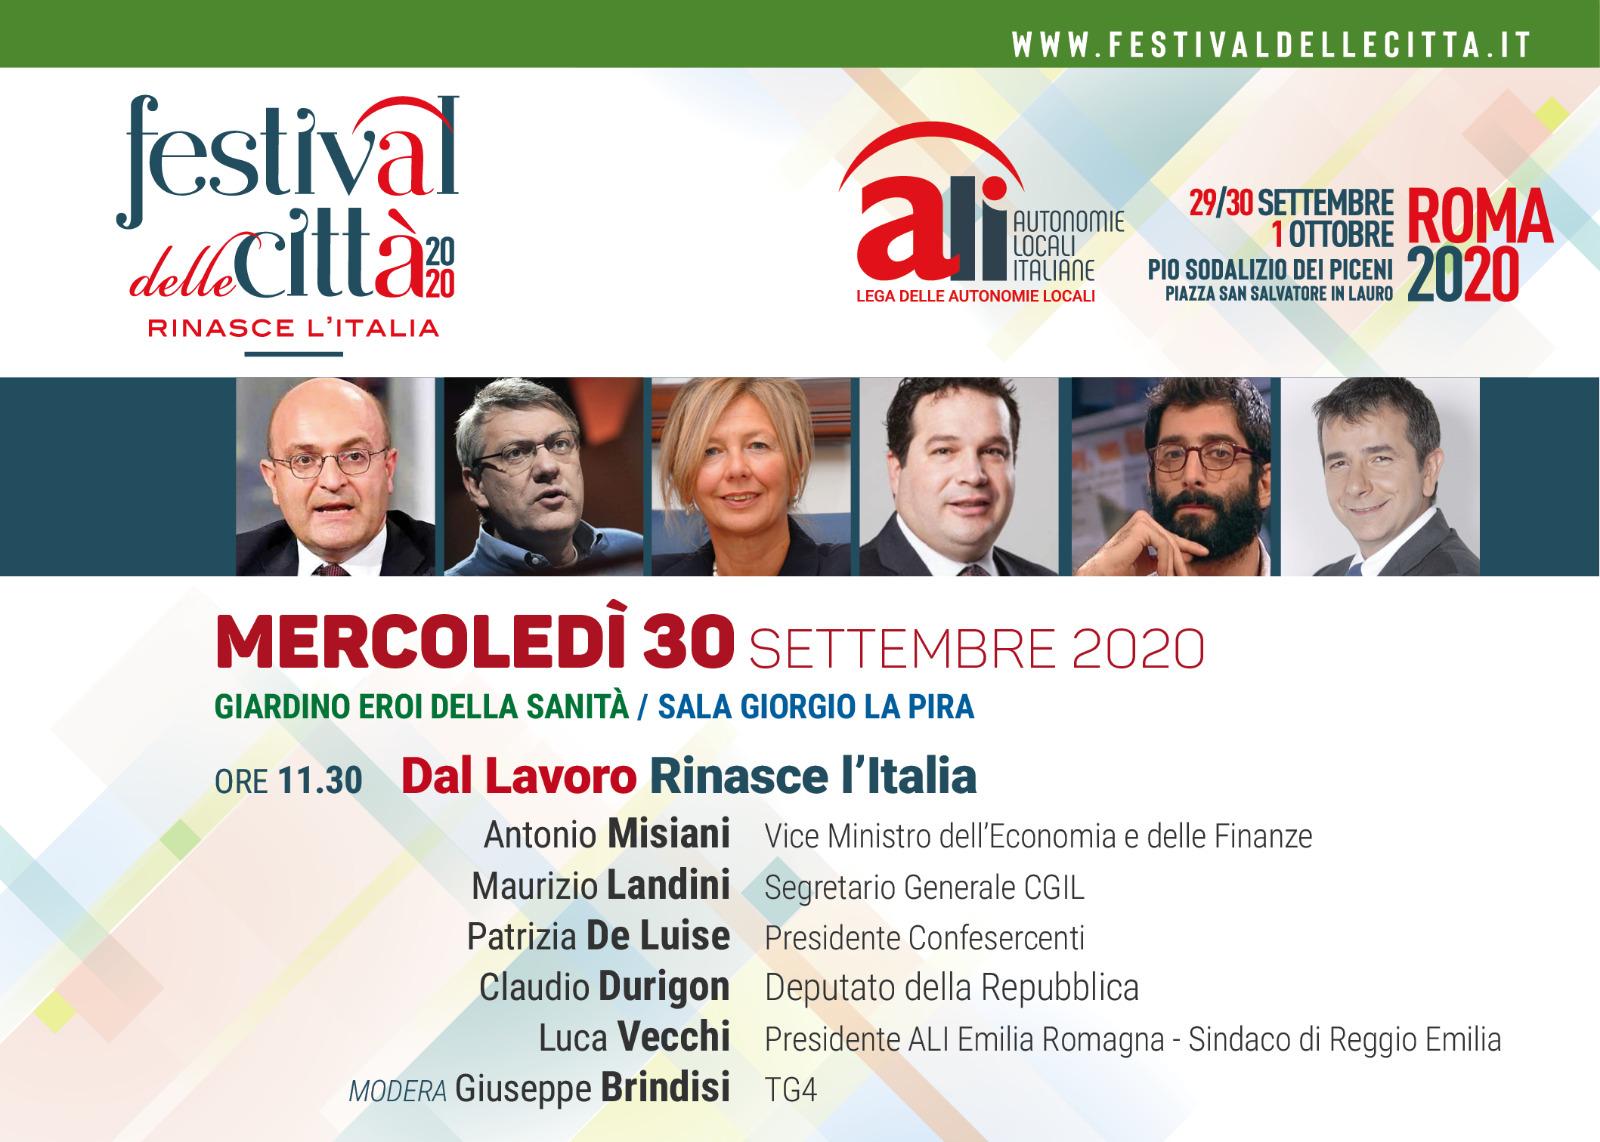 """la-presidente-de-luise-partecipera-al-dibattito-""""dal-lavoro-rinasce-l'italia"""""""